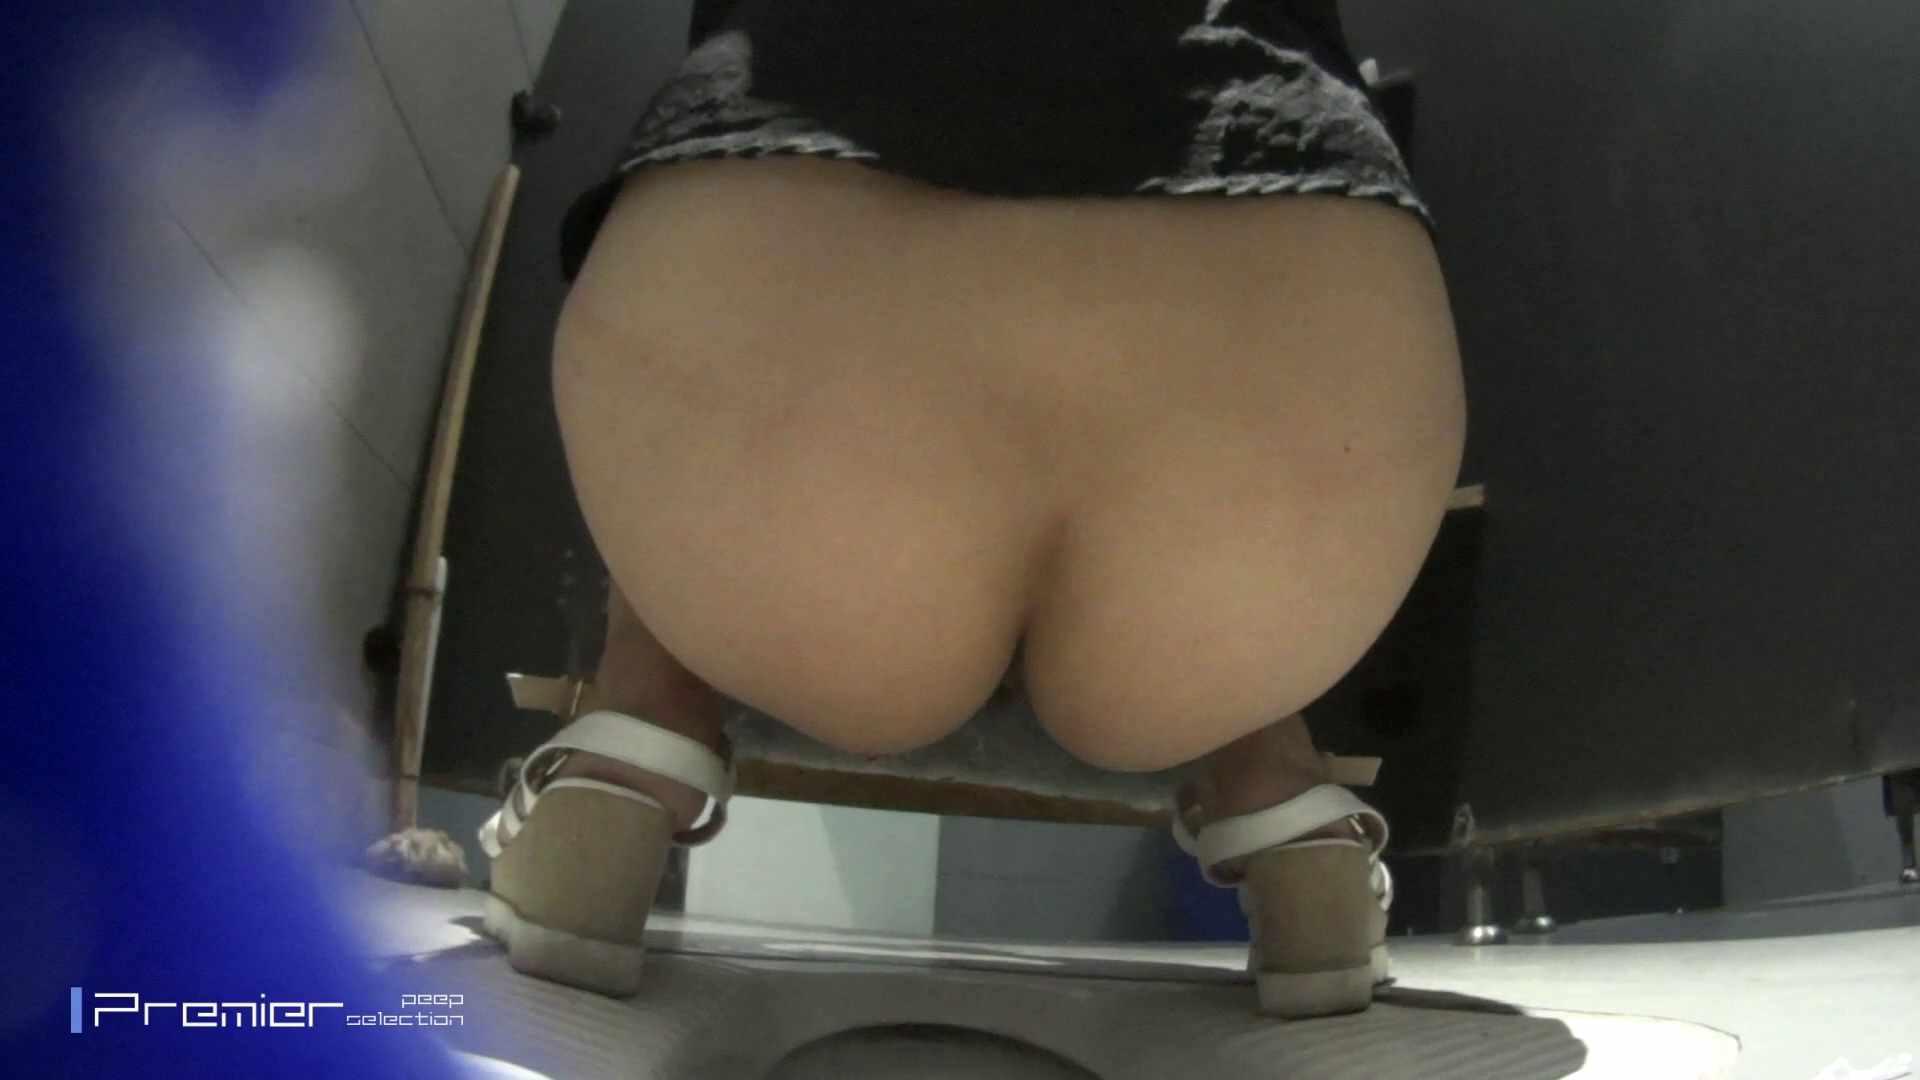 お尻にチリ紙をつけてる美女 大学休憩時間の洗面所事情54 高評価 オマンコ無修正動画無料 112画像 86